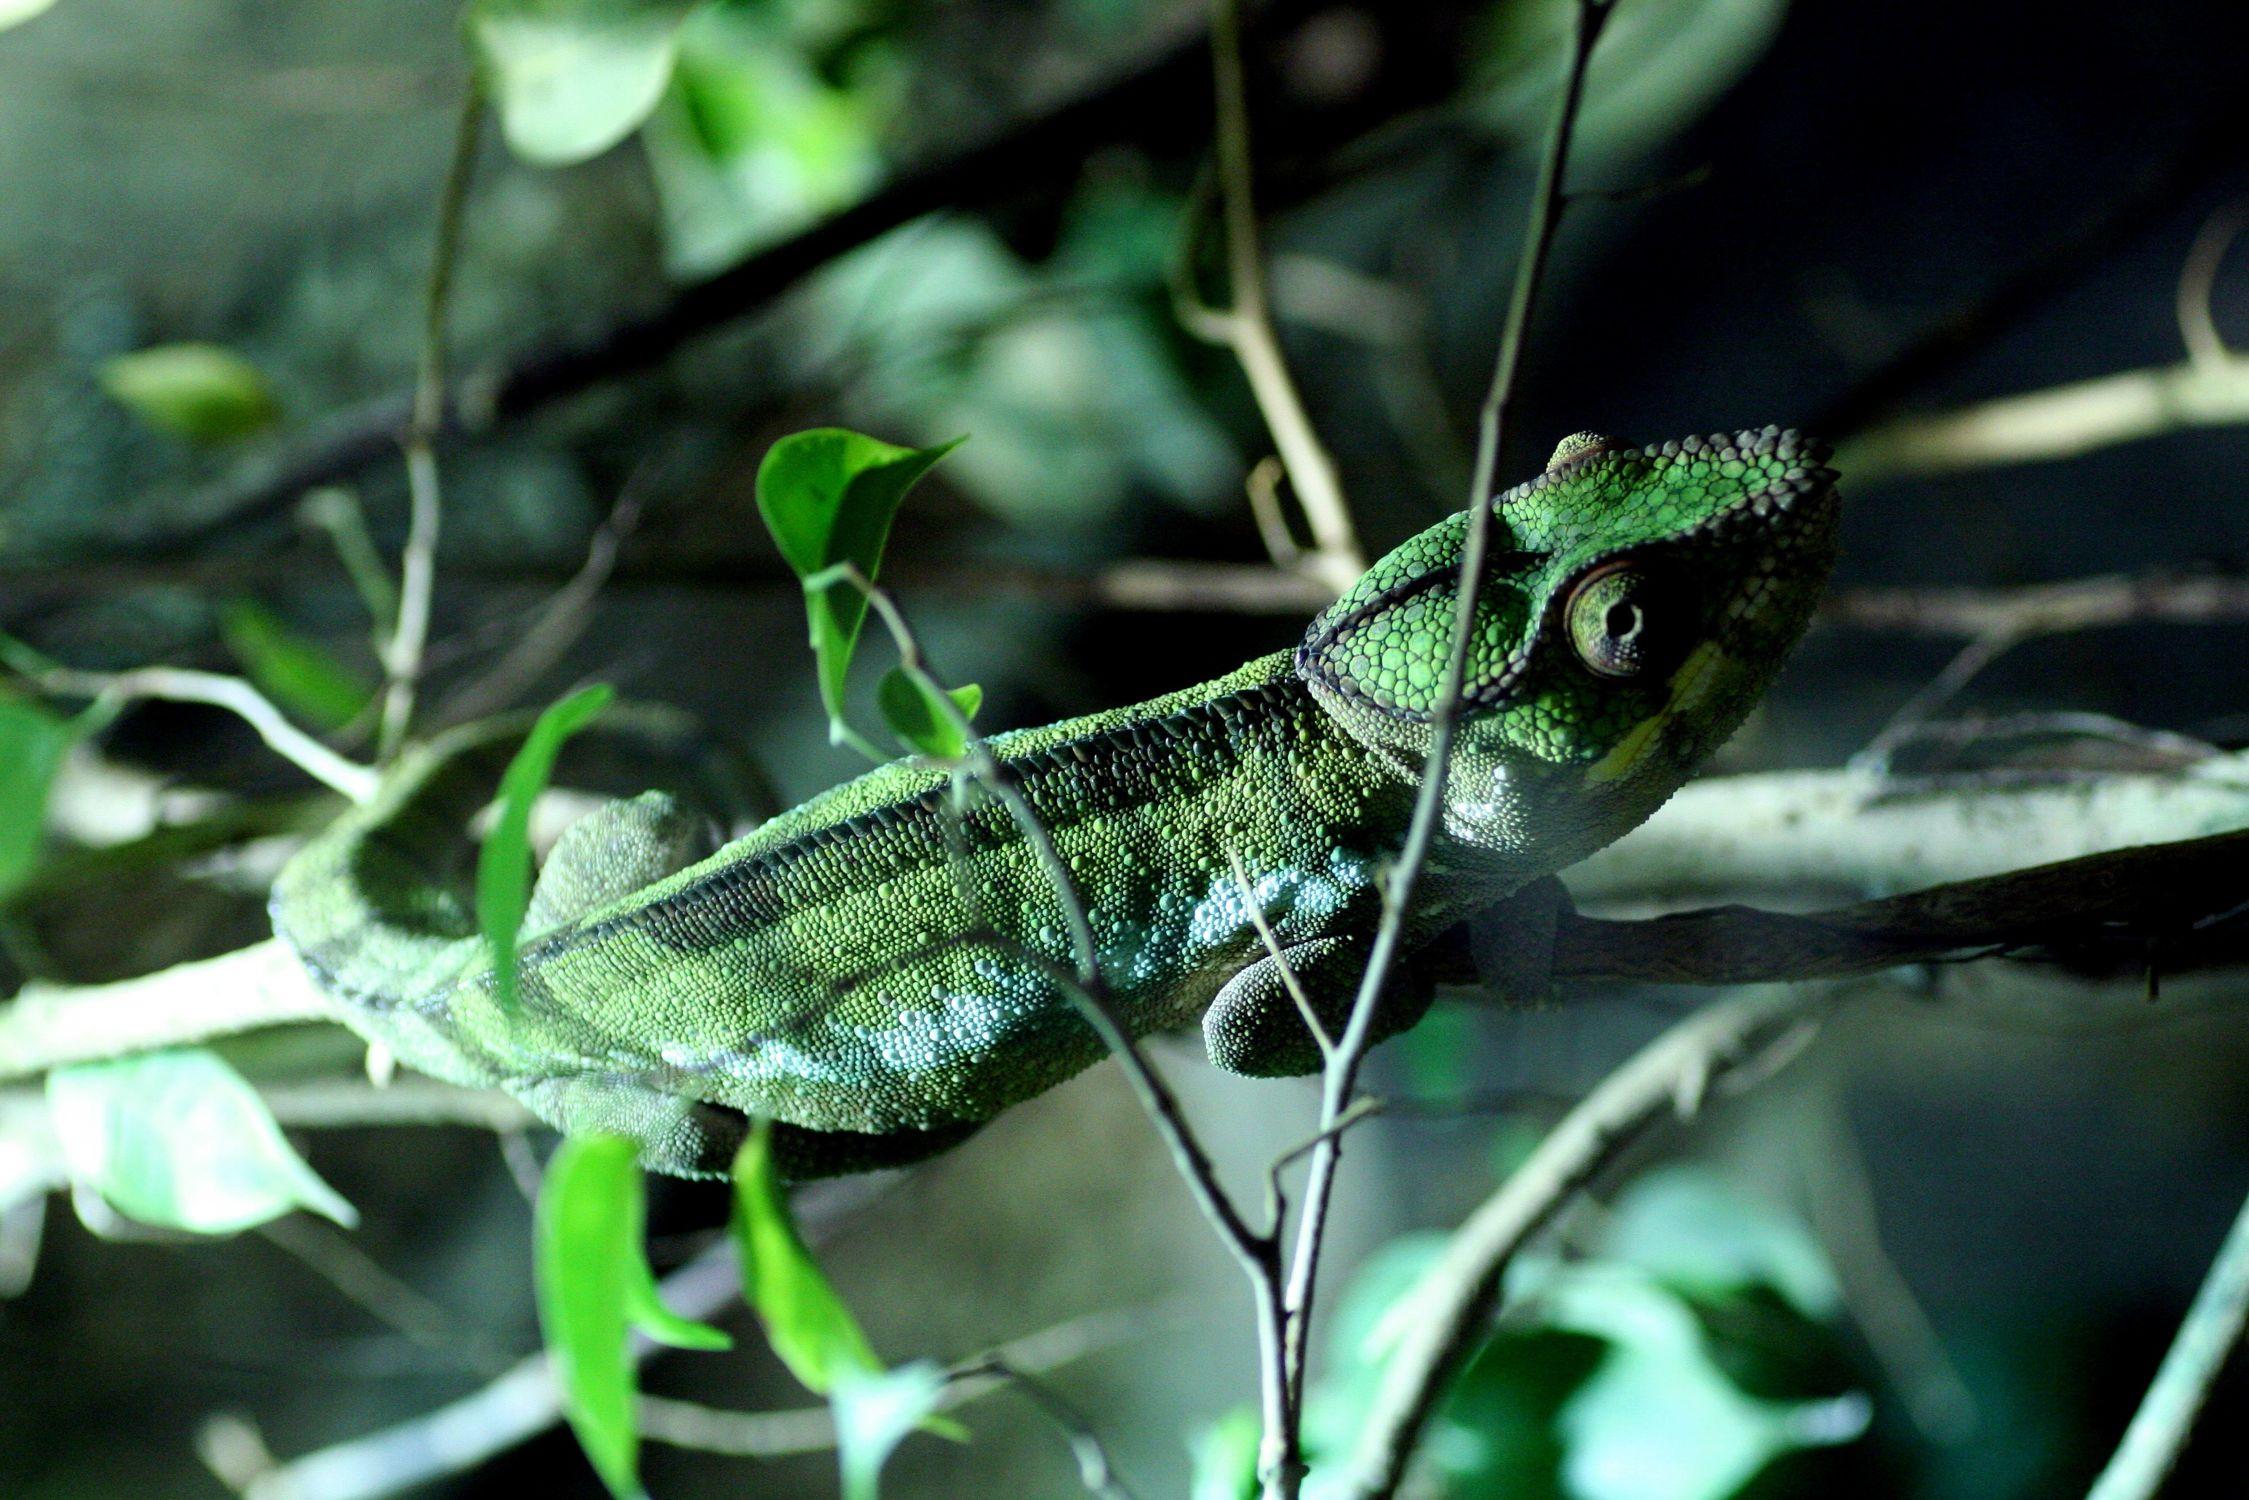 Bild mit Farben, Tiere, Natur, Grün, Pflanzen, Reptilien, Eidechsen, Leguane, Chamäleons